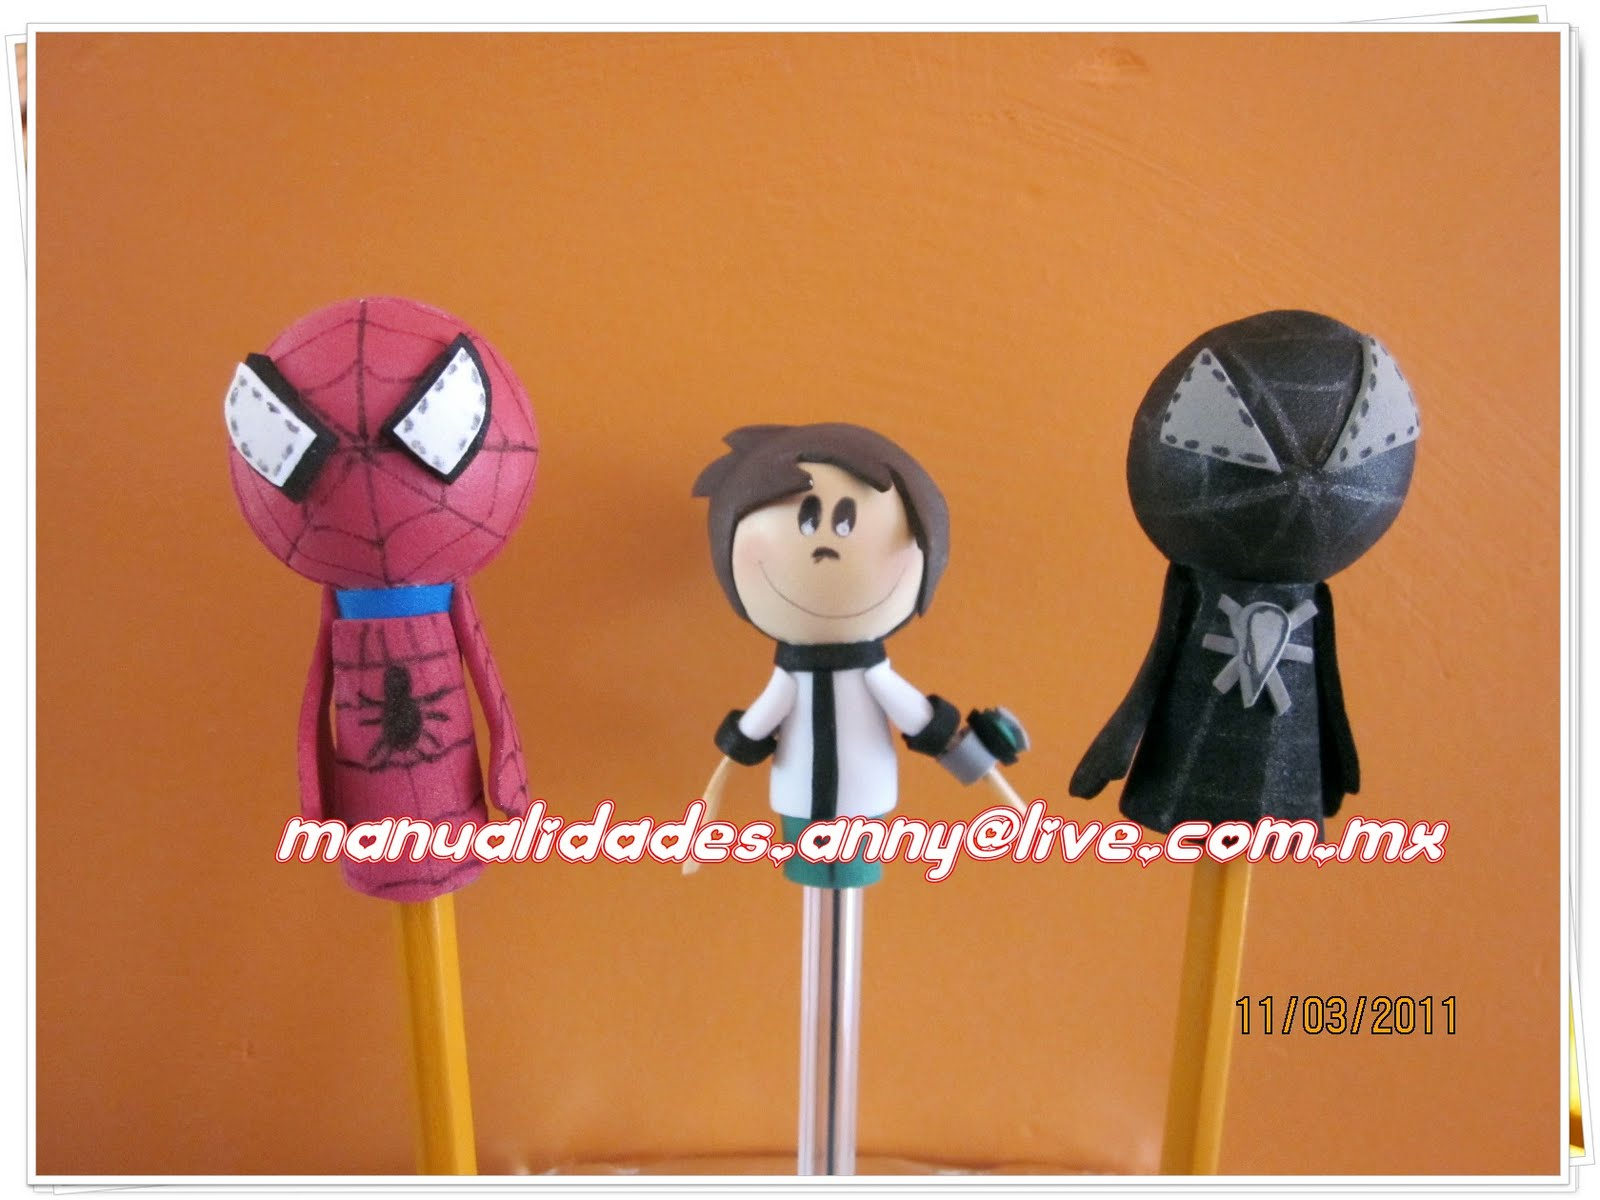 Sinceramente El Spiderman Negro No Es De Mi Agrado